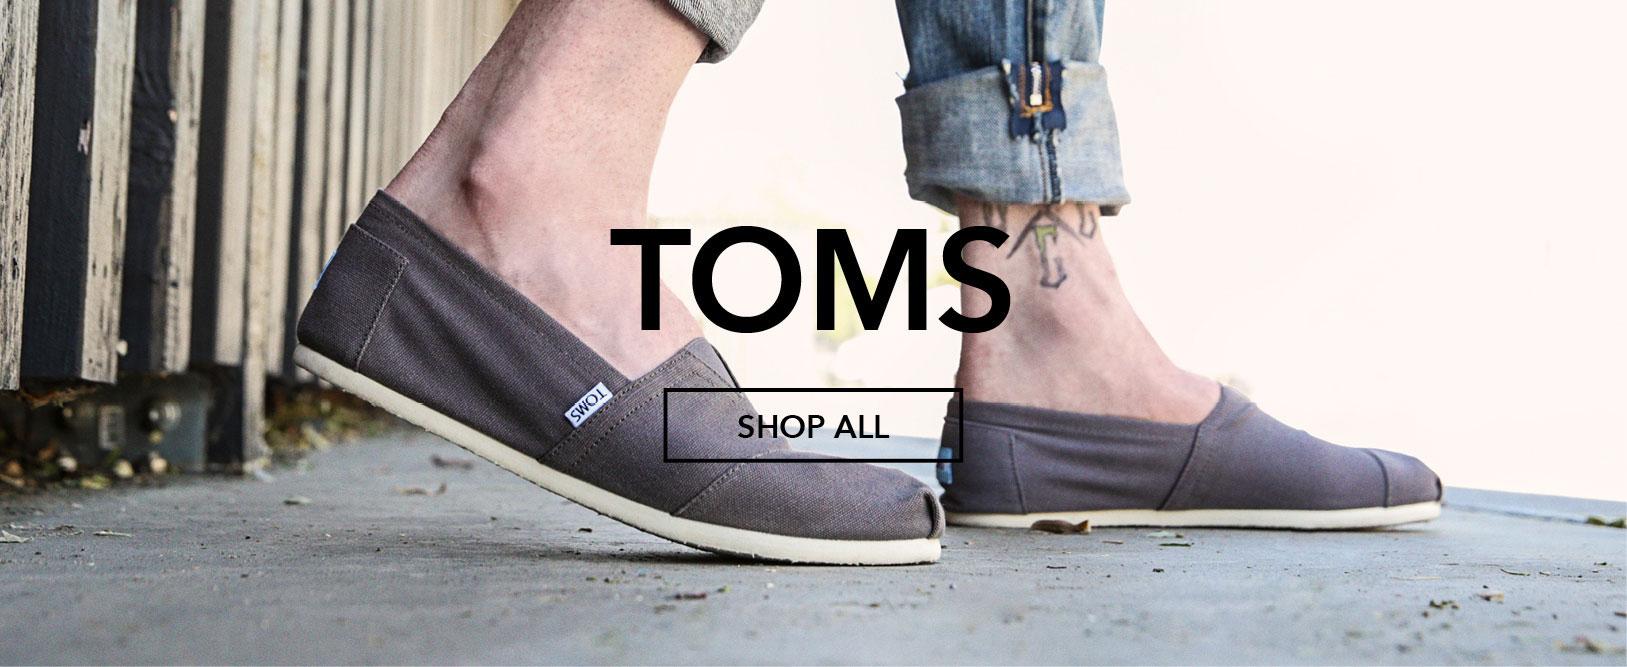 All Toms | Tiltedsole.com